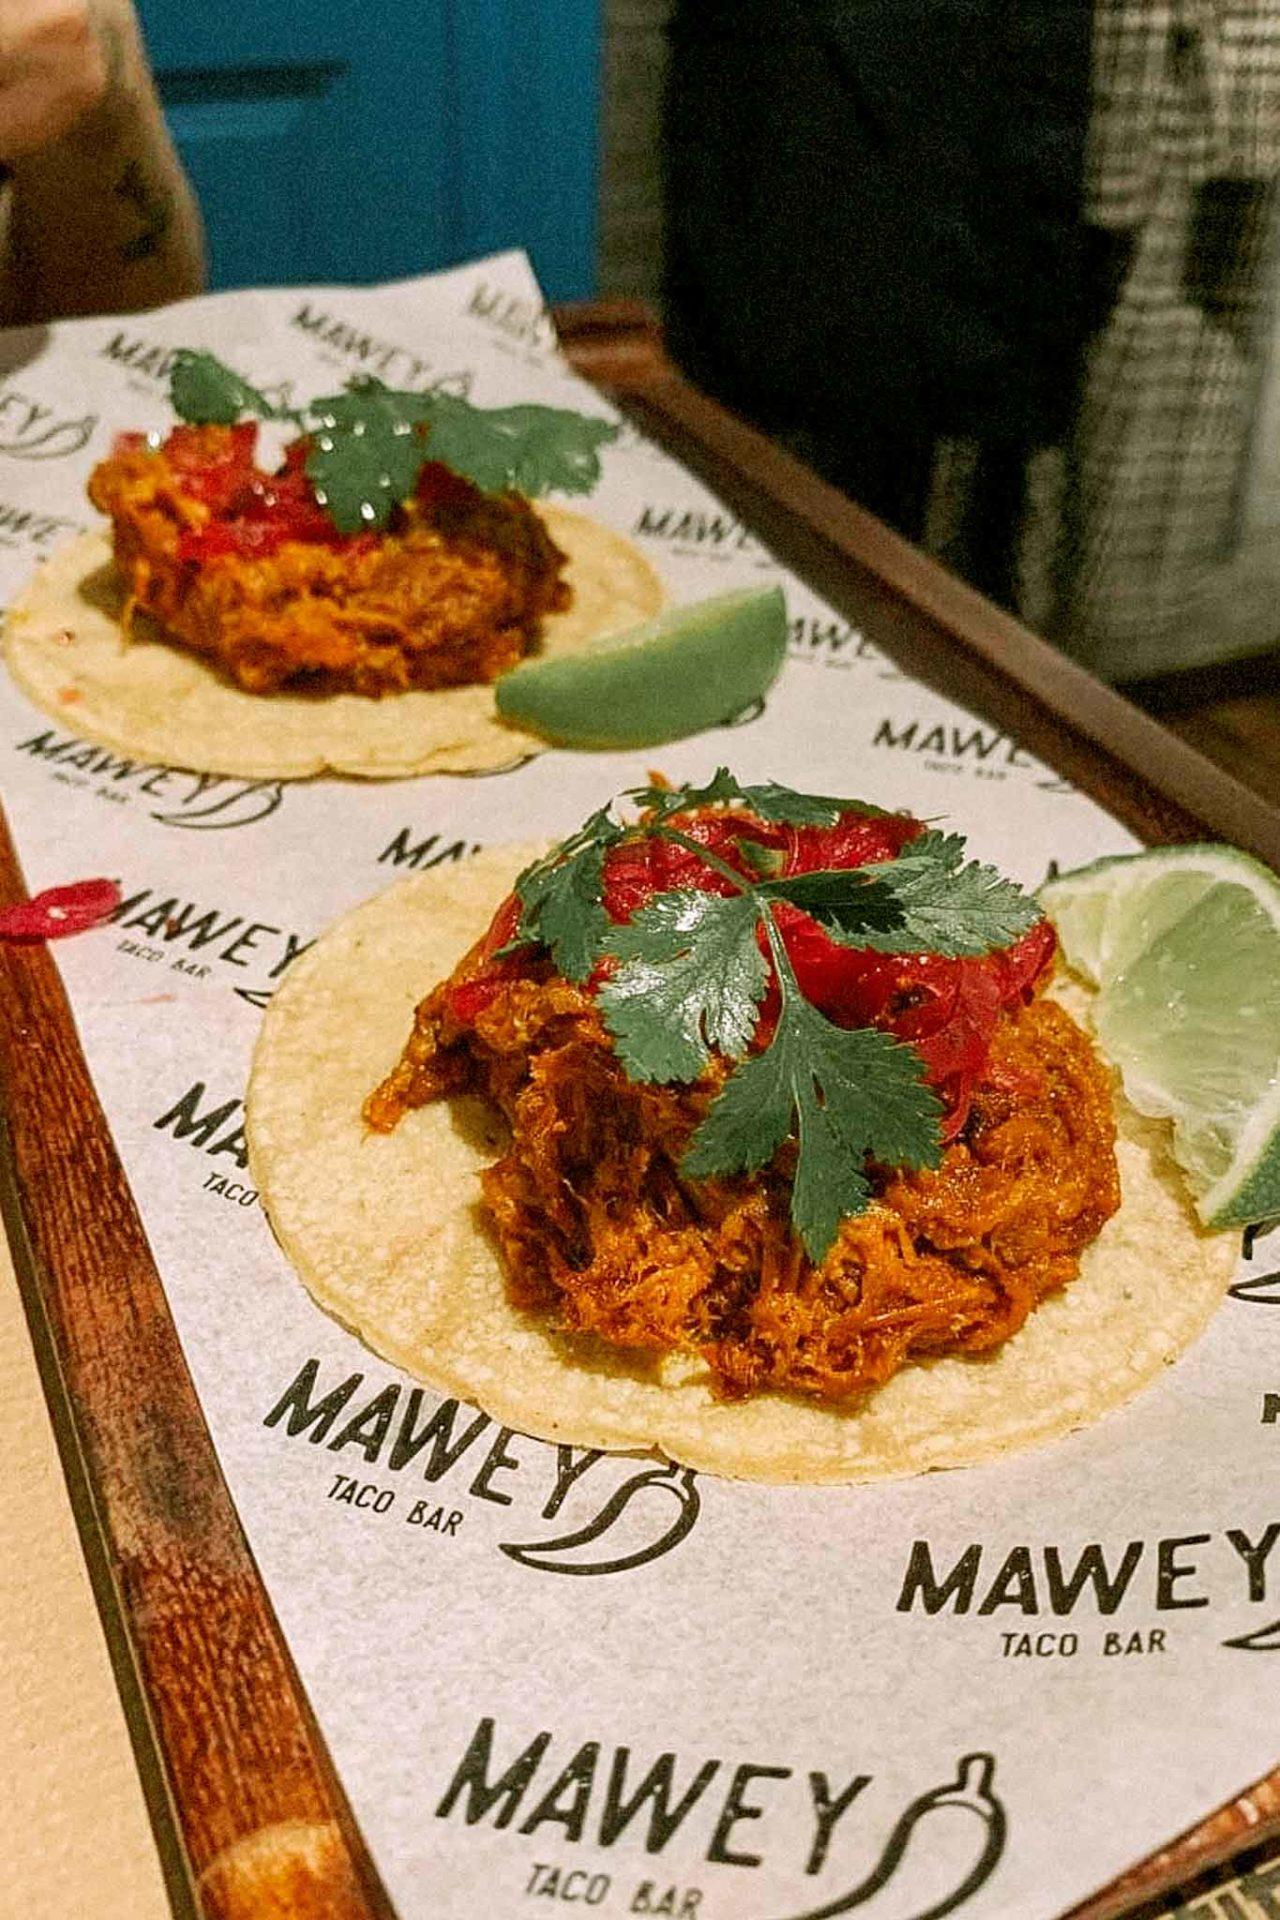 Madrid Mawey Taco Bar